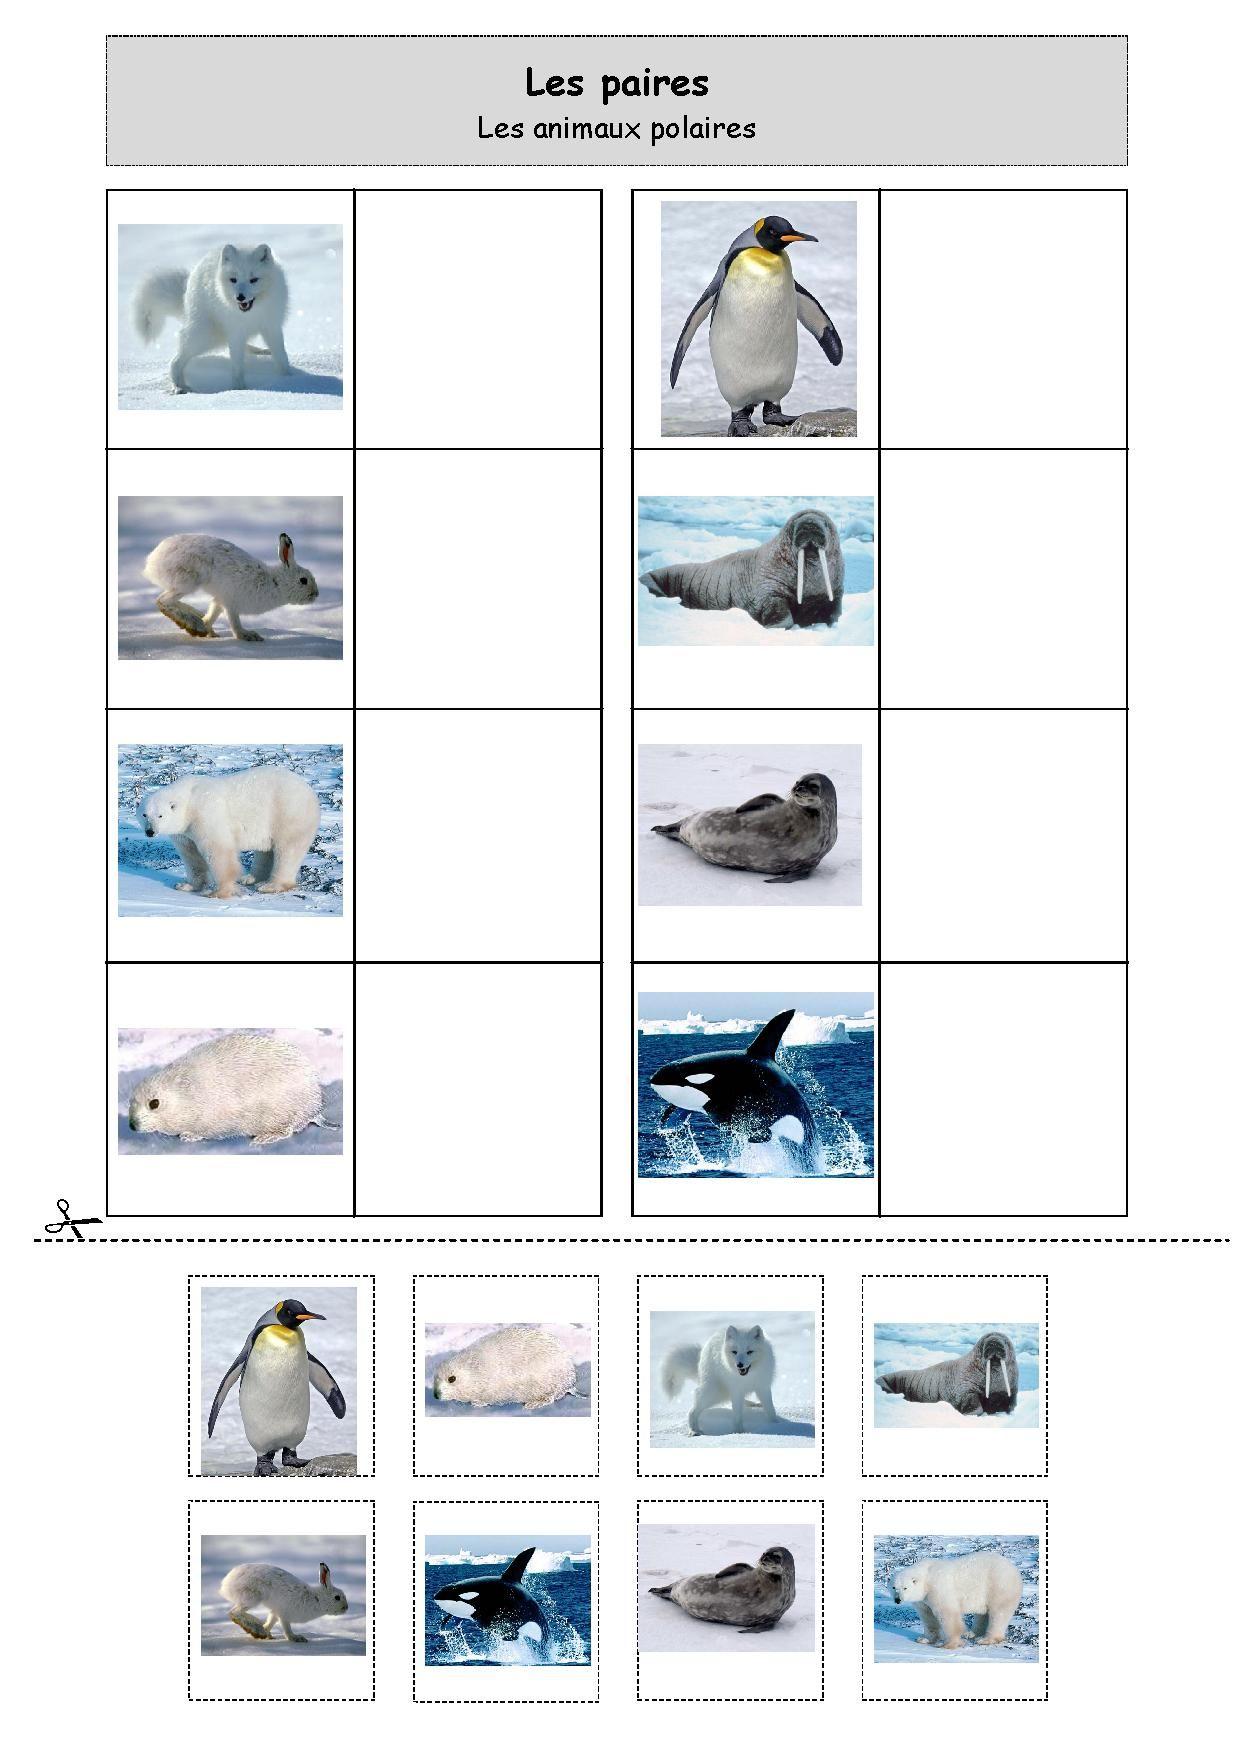 Image du blog projet pingouin et banquise maternelle animaux - Animaux pole nord ...